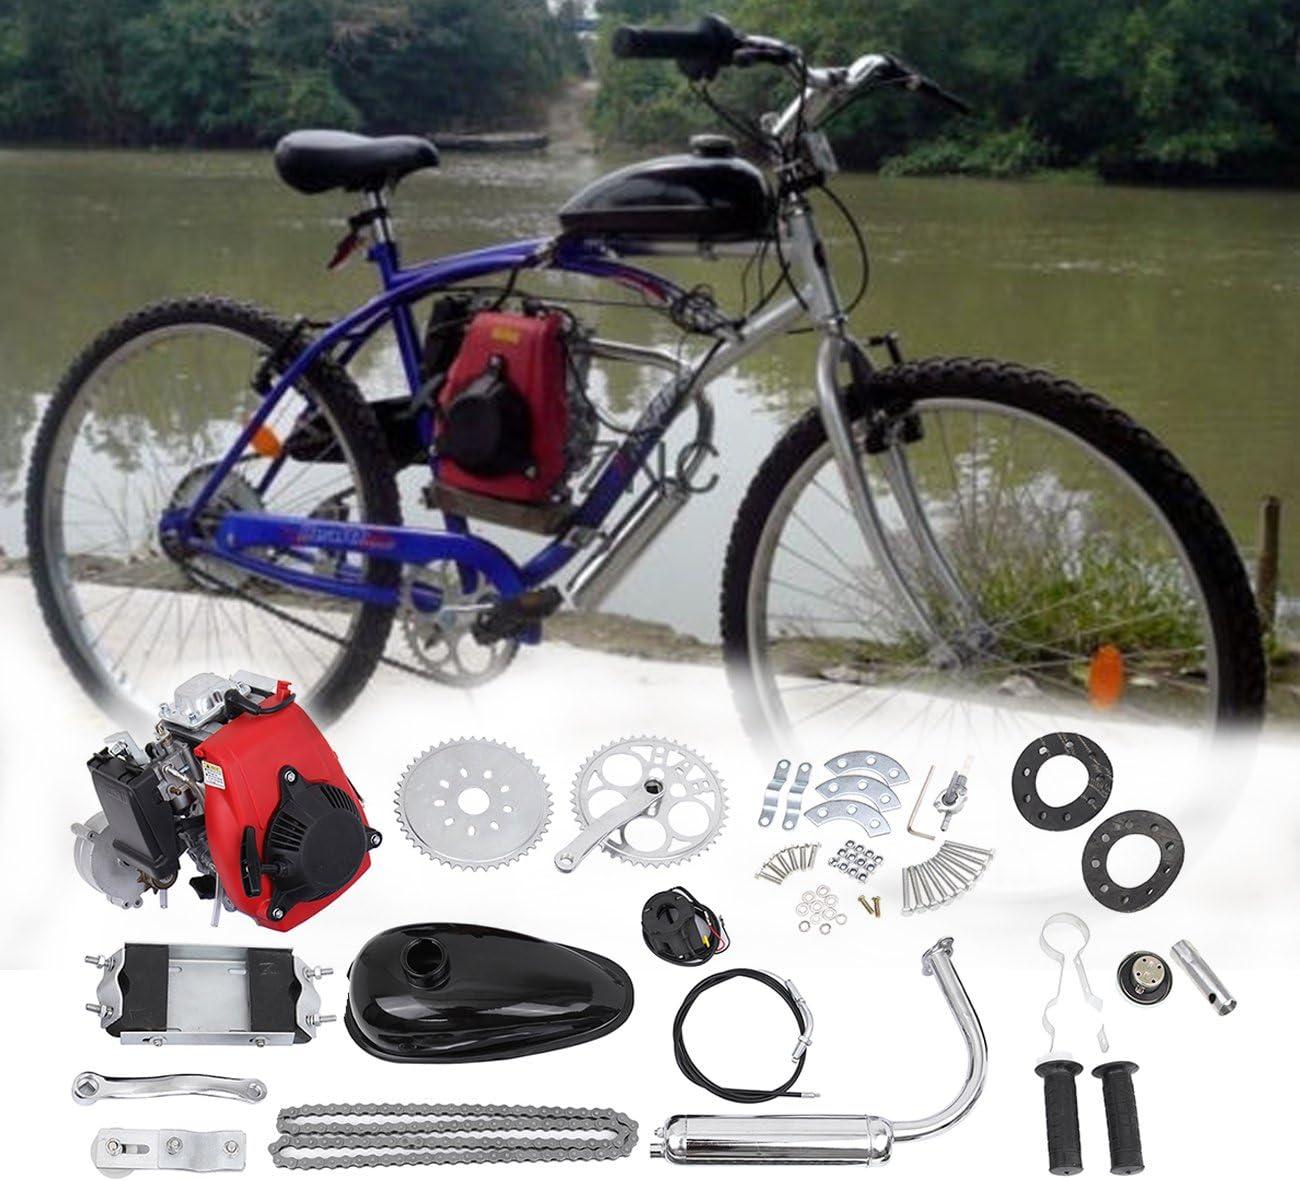 Ambienceo 49 cc 4 del Ciclo de pedal Gasolina Gas motor Kit Motor bicicleta Plug-It para herramientas para Motorizado bicicleta: Amazon.es: Coche y moto